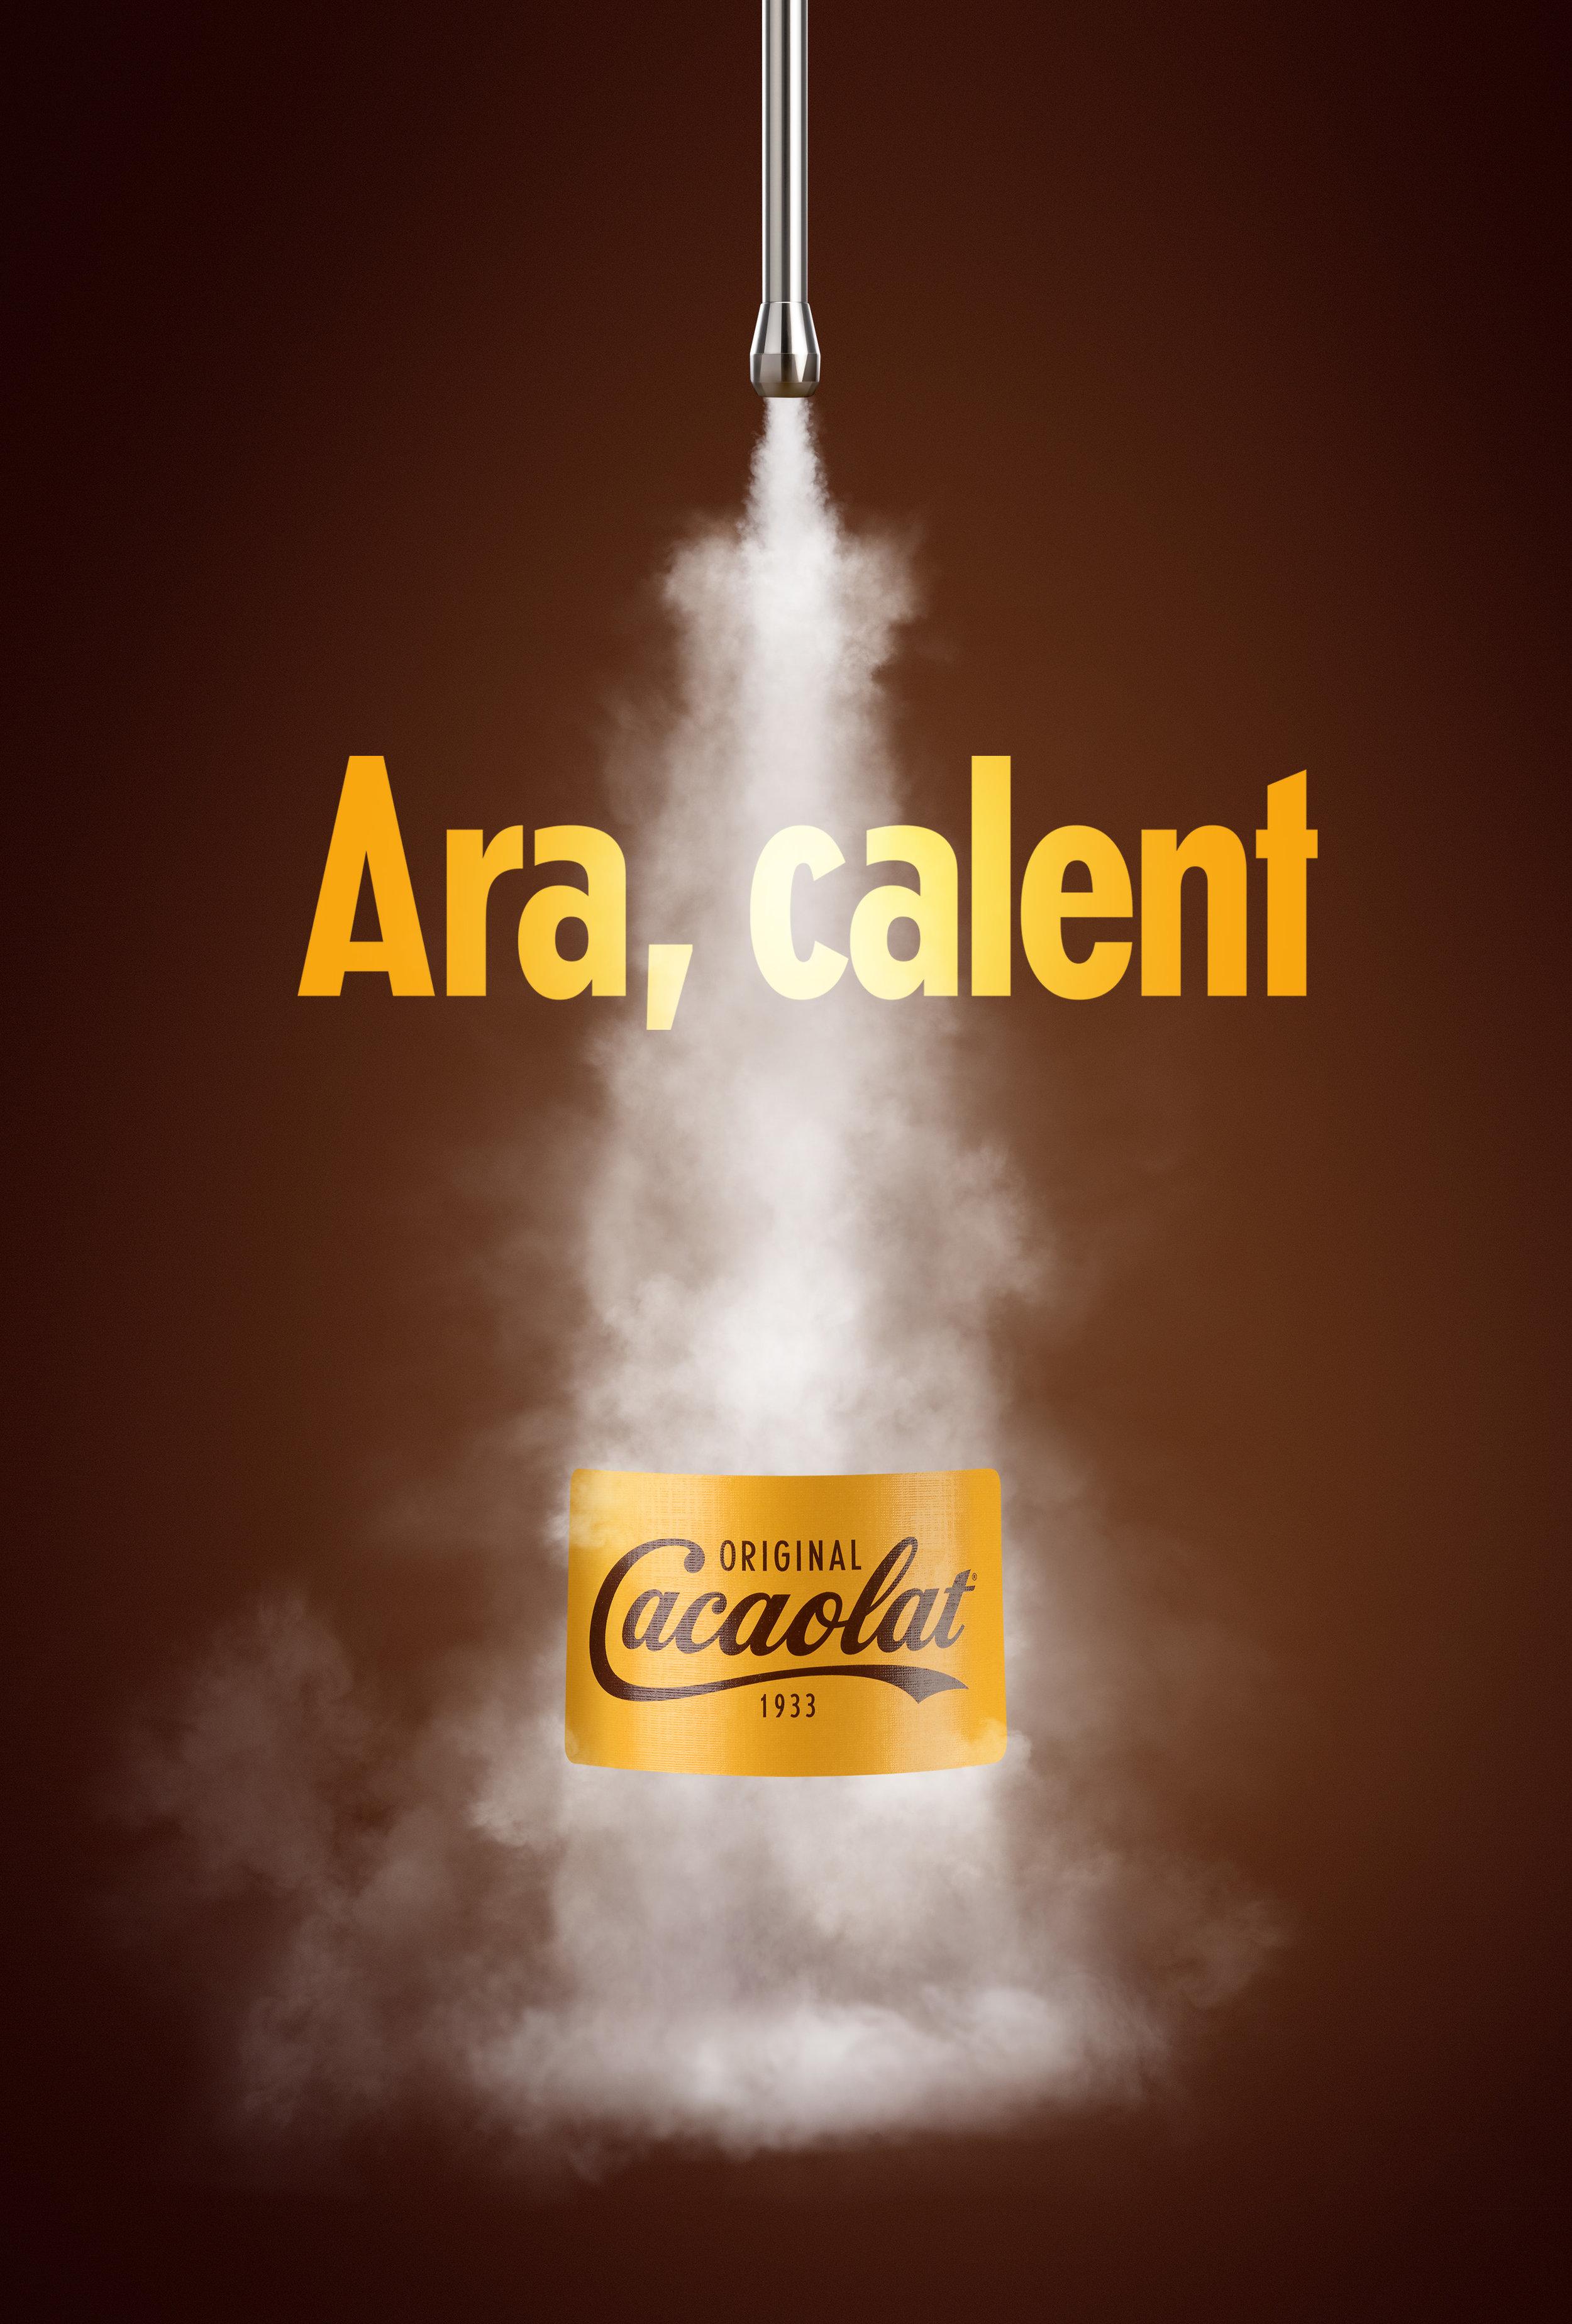 Print Cacaolat